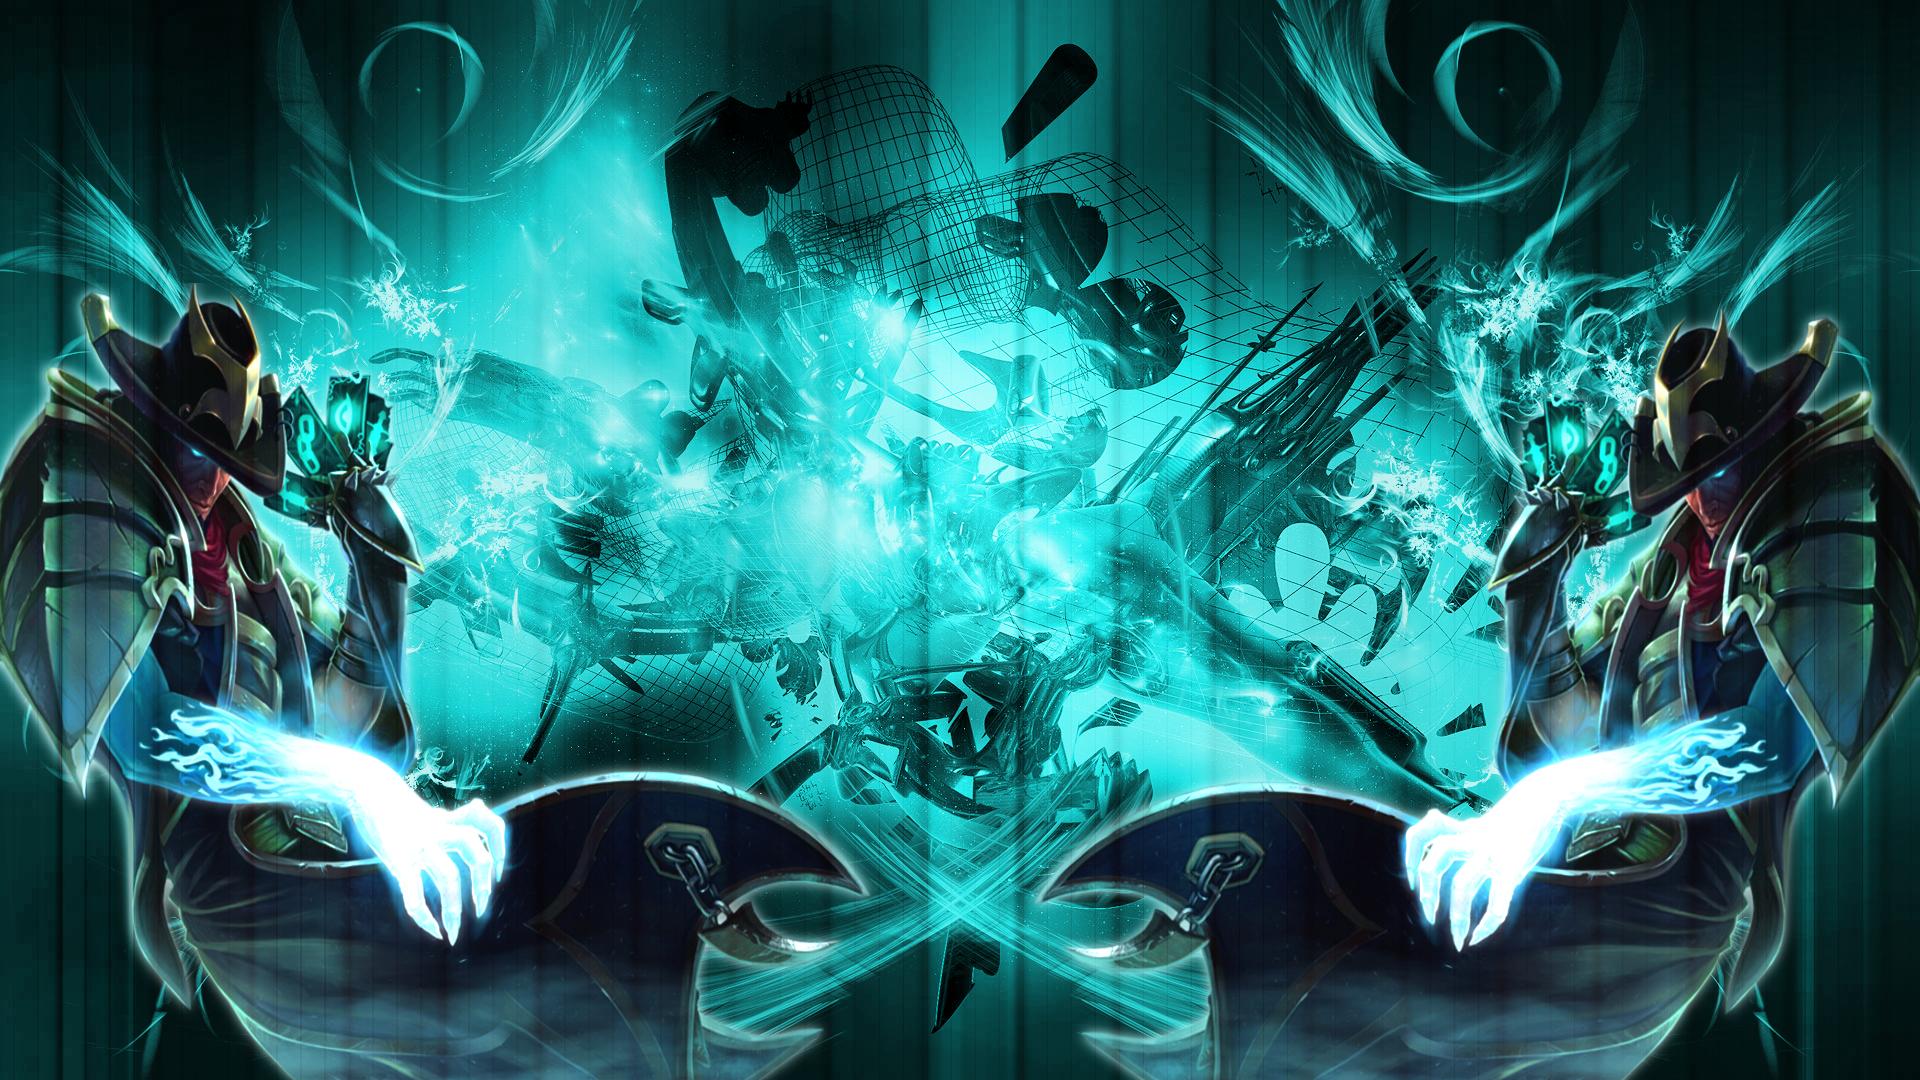 Underworld Twisted Fate wallpaper by nestroix on DeviantArt